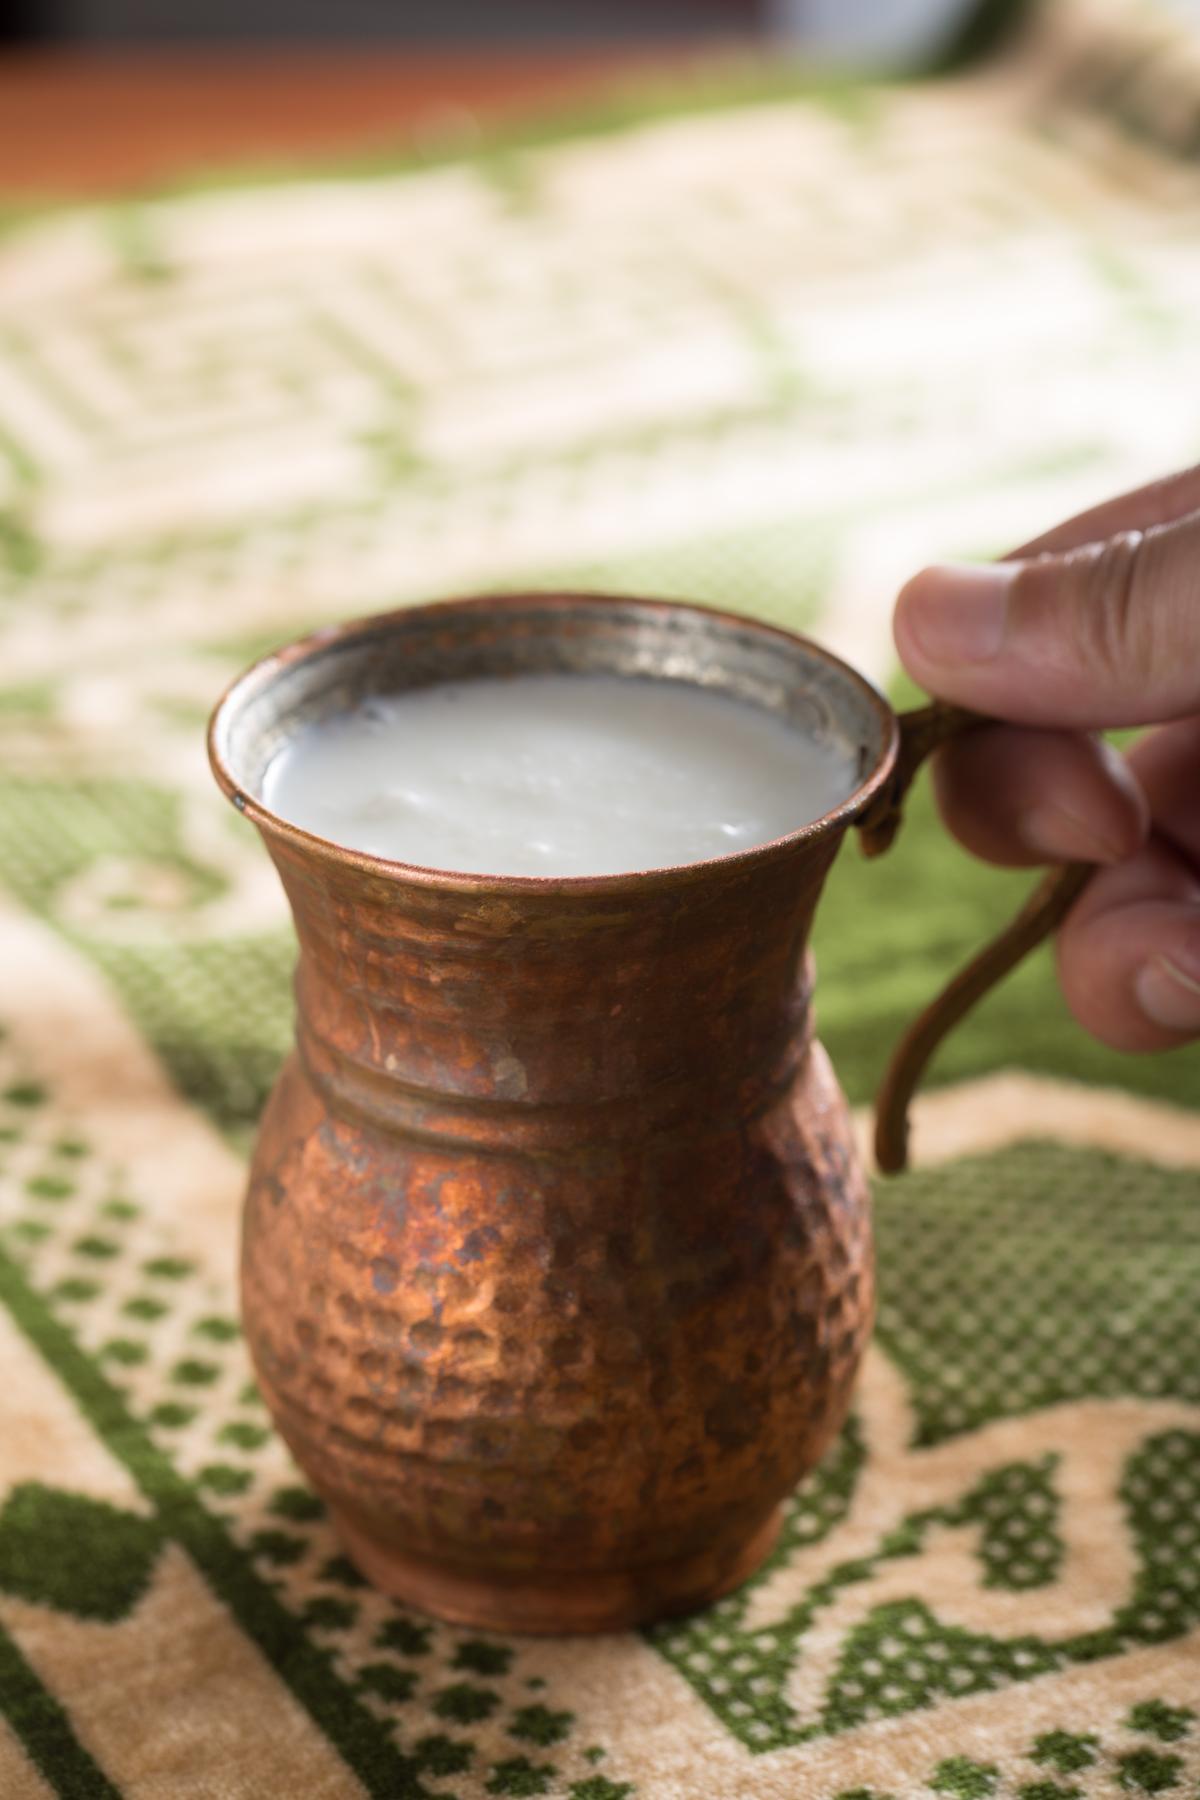 「土耳其特製酸奶」酸中帶有淡淡鹹味,是中亞常見的喝法。(120元/杯)